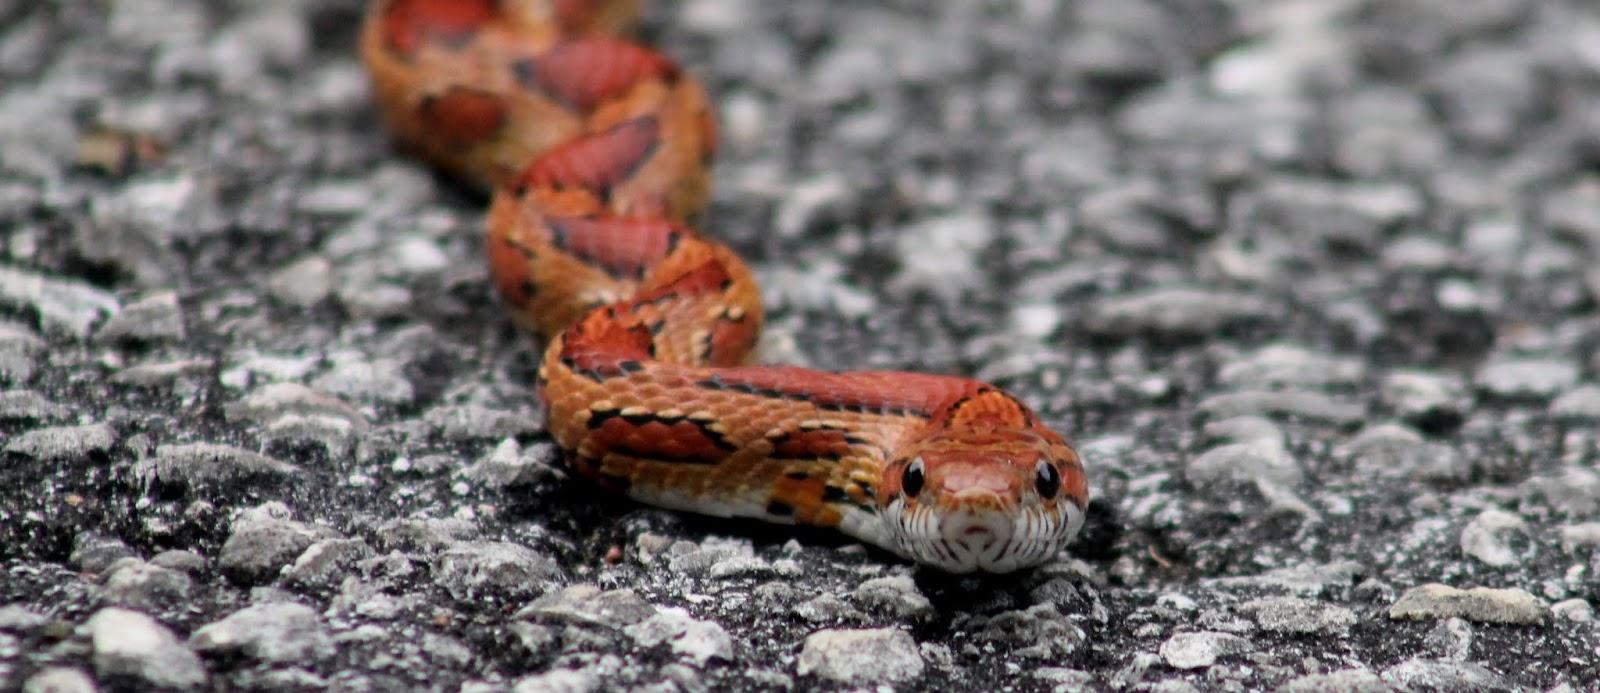 Corn Snake o Serpiente del Maíz